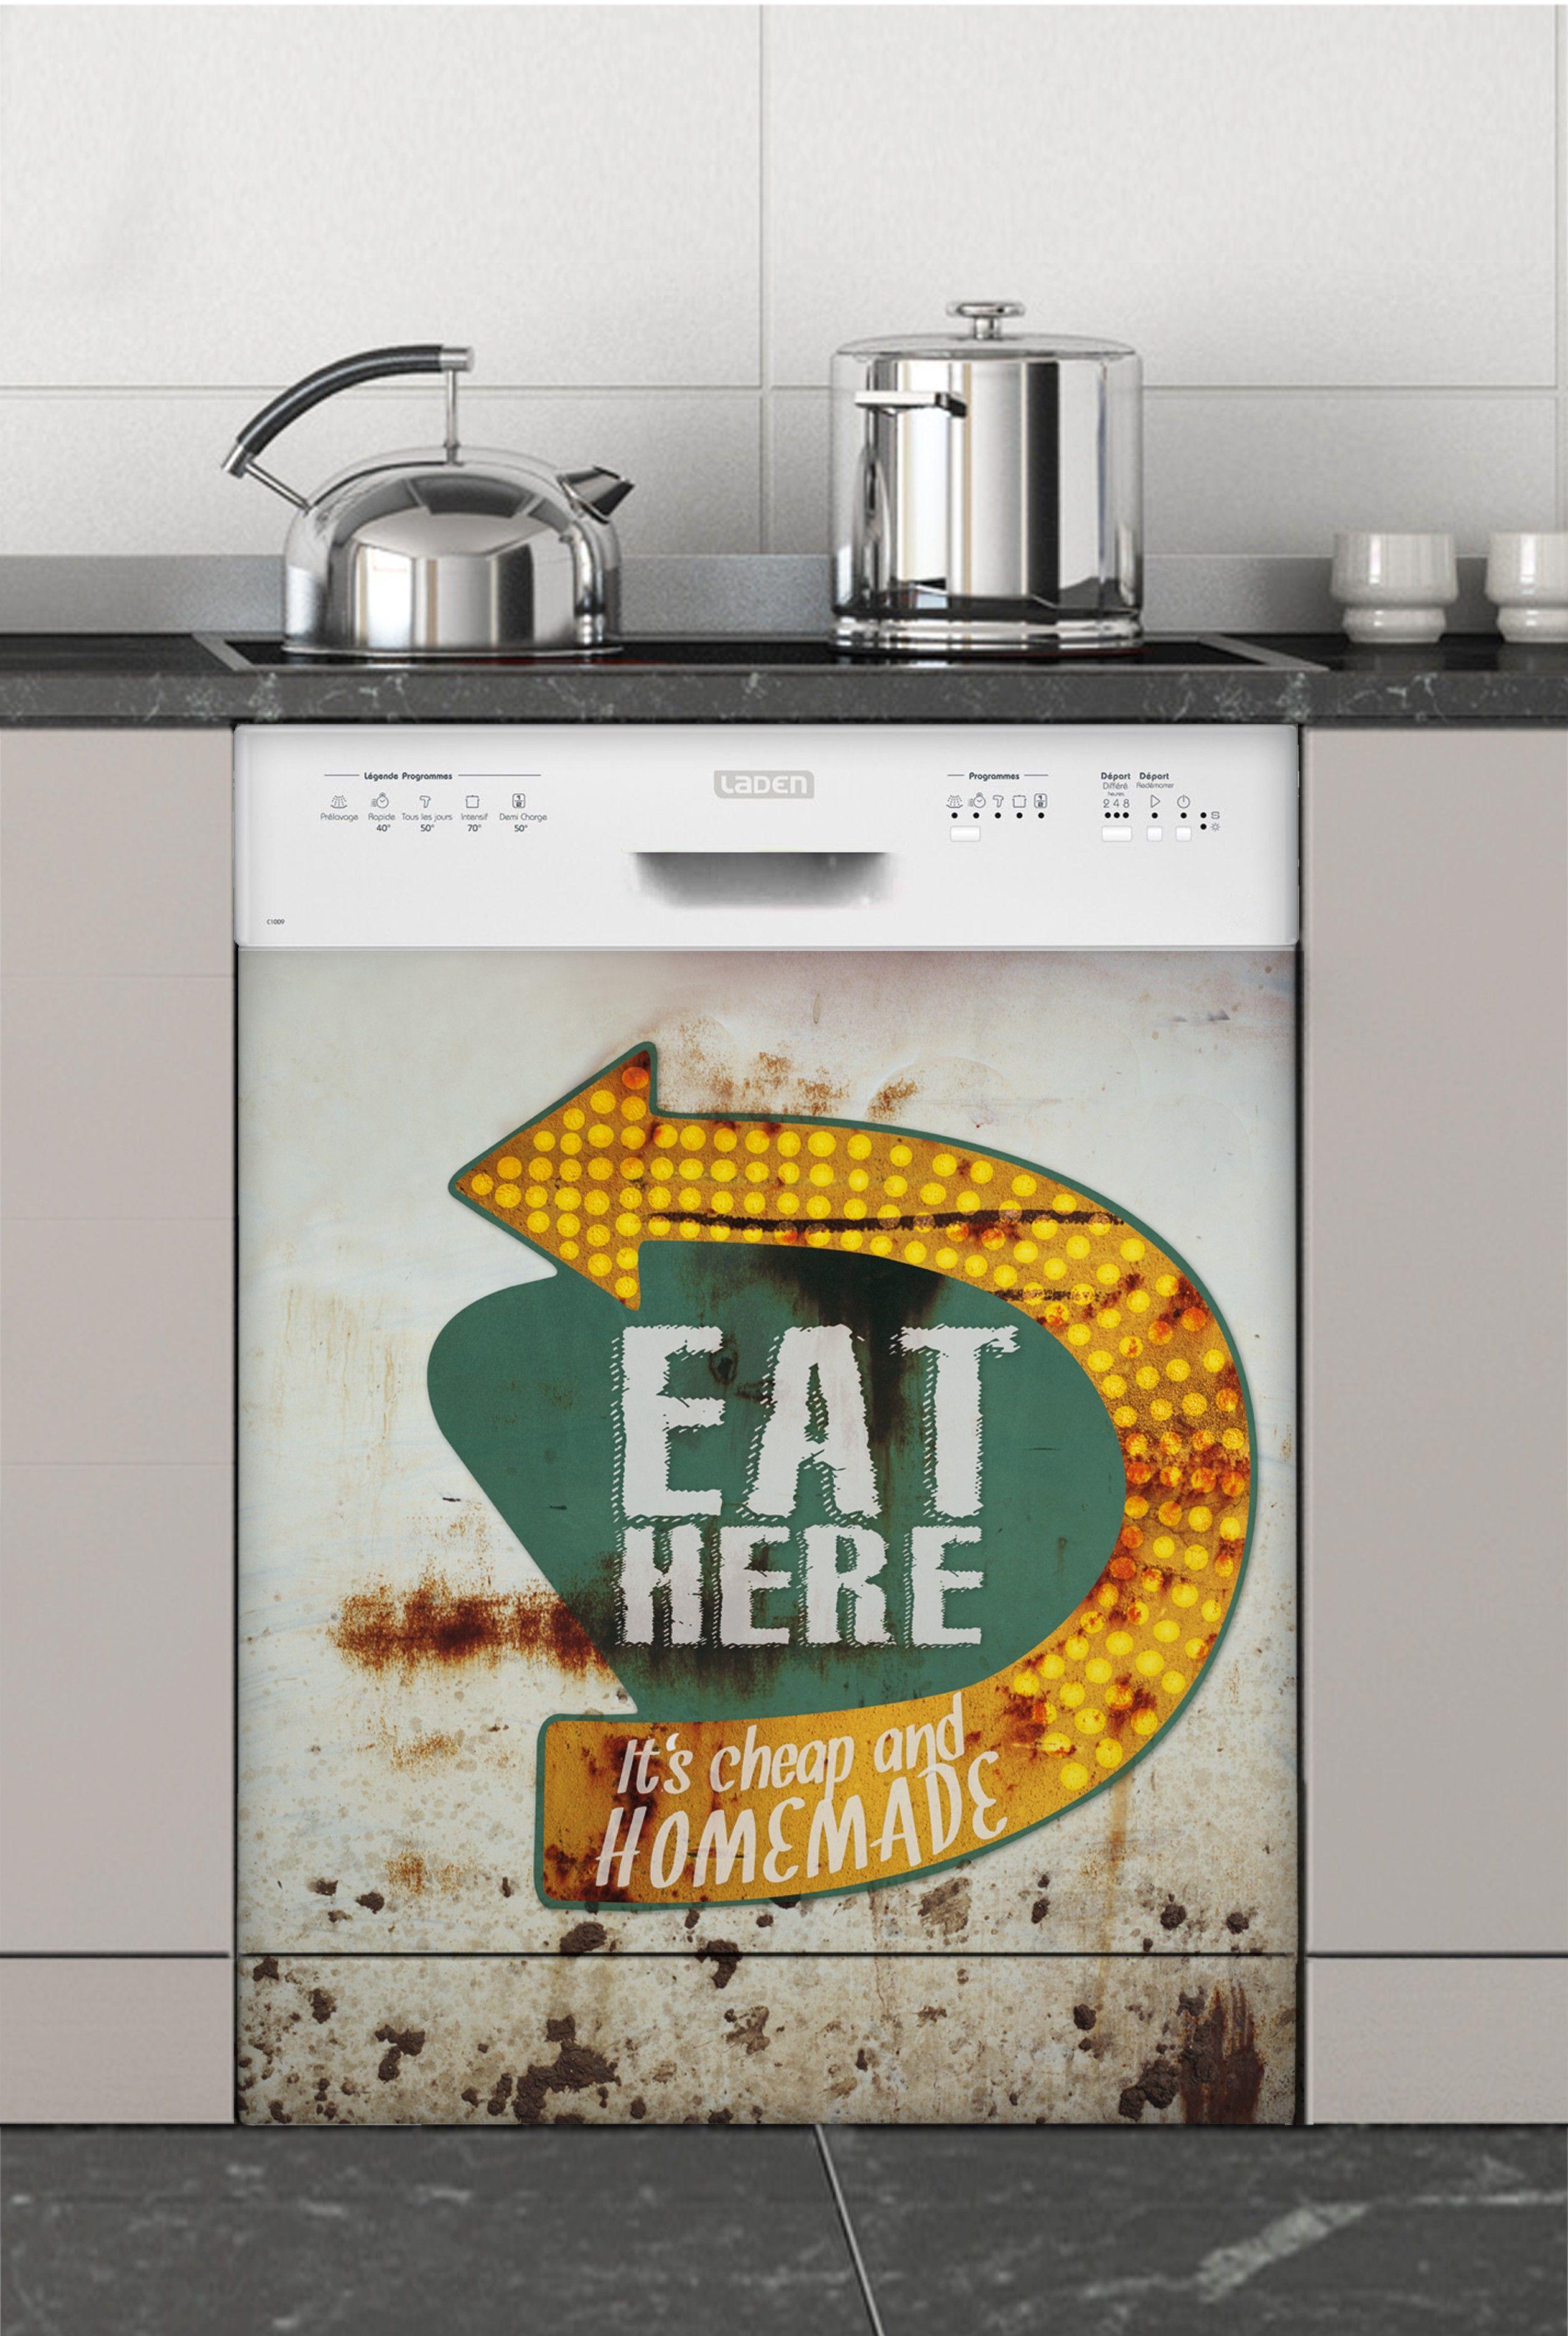 Peinture Pour Lave Vaisselle indus, stickers électroménager lave vaisselle #sticker